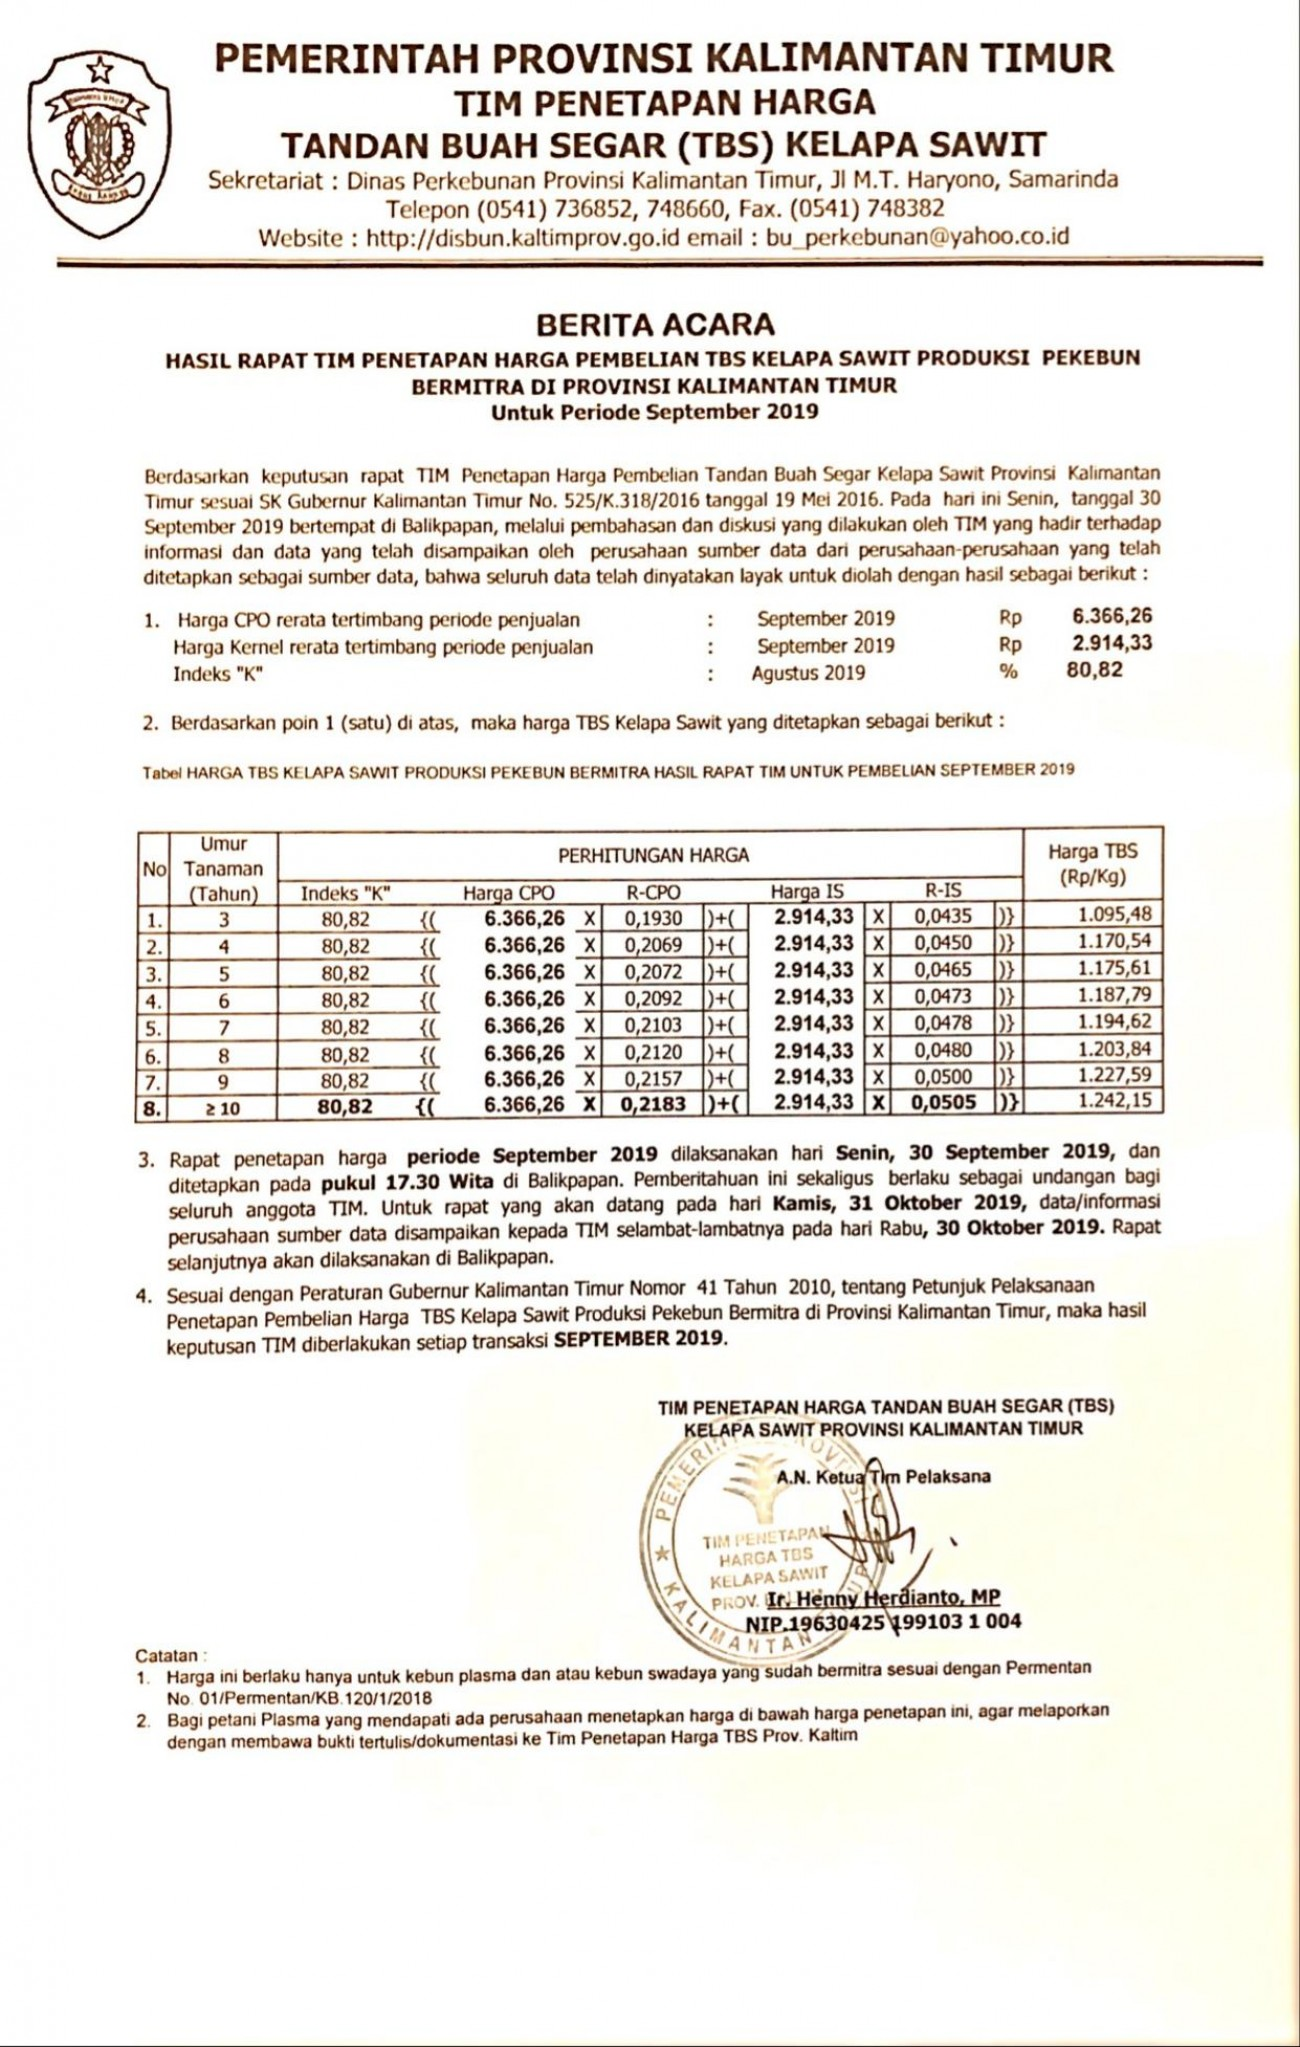 Informasi Harga TBS Kelapa Sawit Bagi Pekebun Bermitra Bulan September 2019